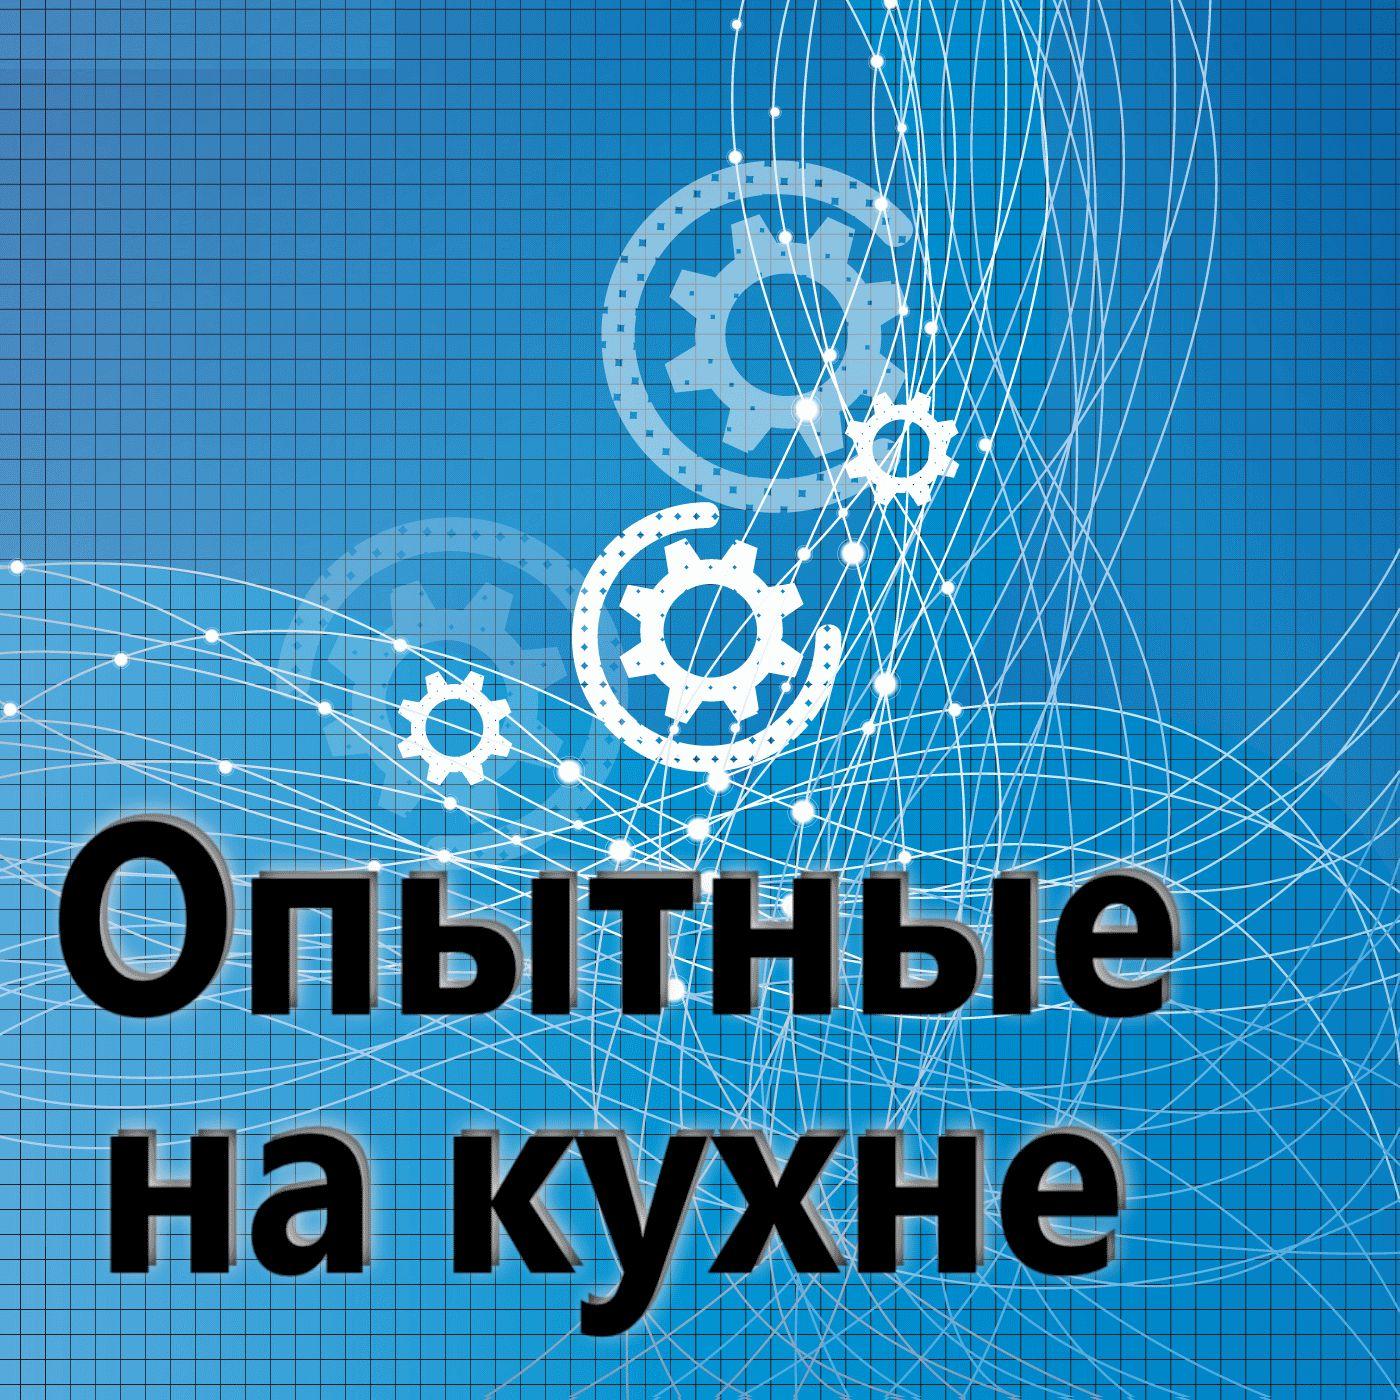 Евгений Плешивцев Опытные на кухне №075 евгений плешивцев опытные на кухне 048